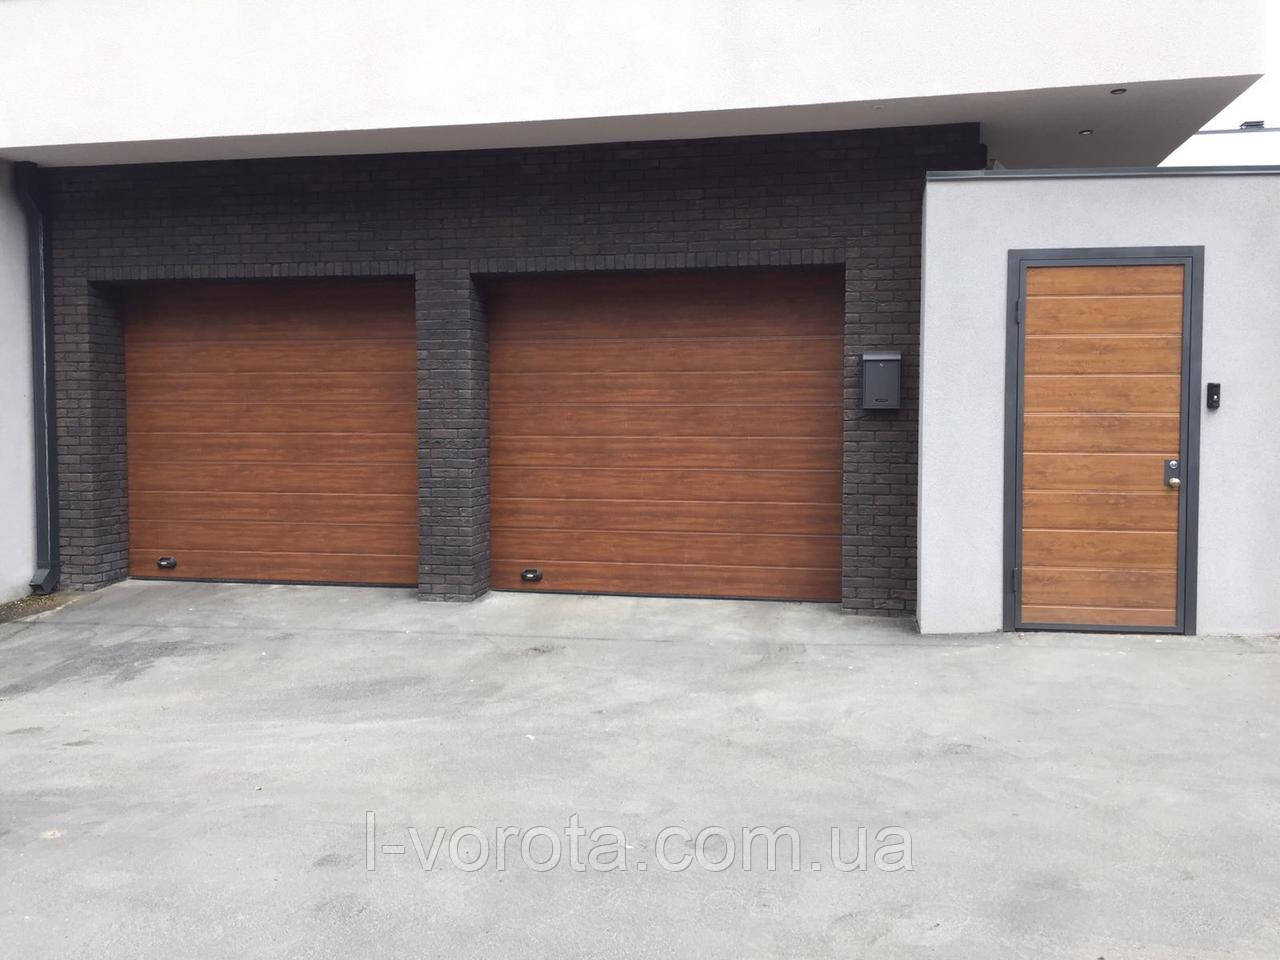 Гаражные ворота DoorHan (цвет золотой дуб)